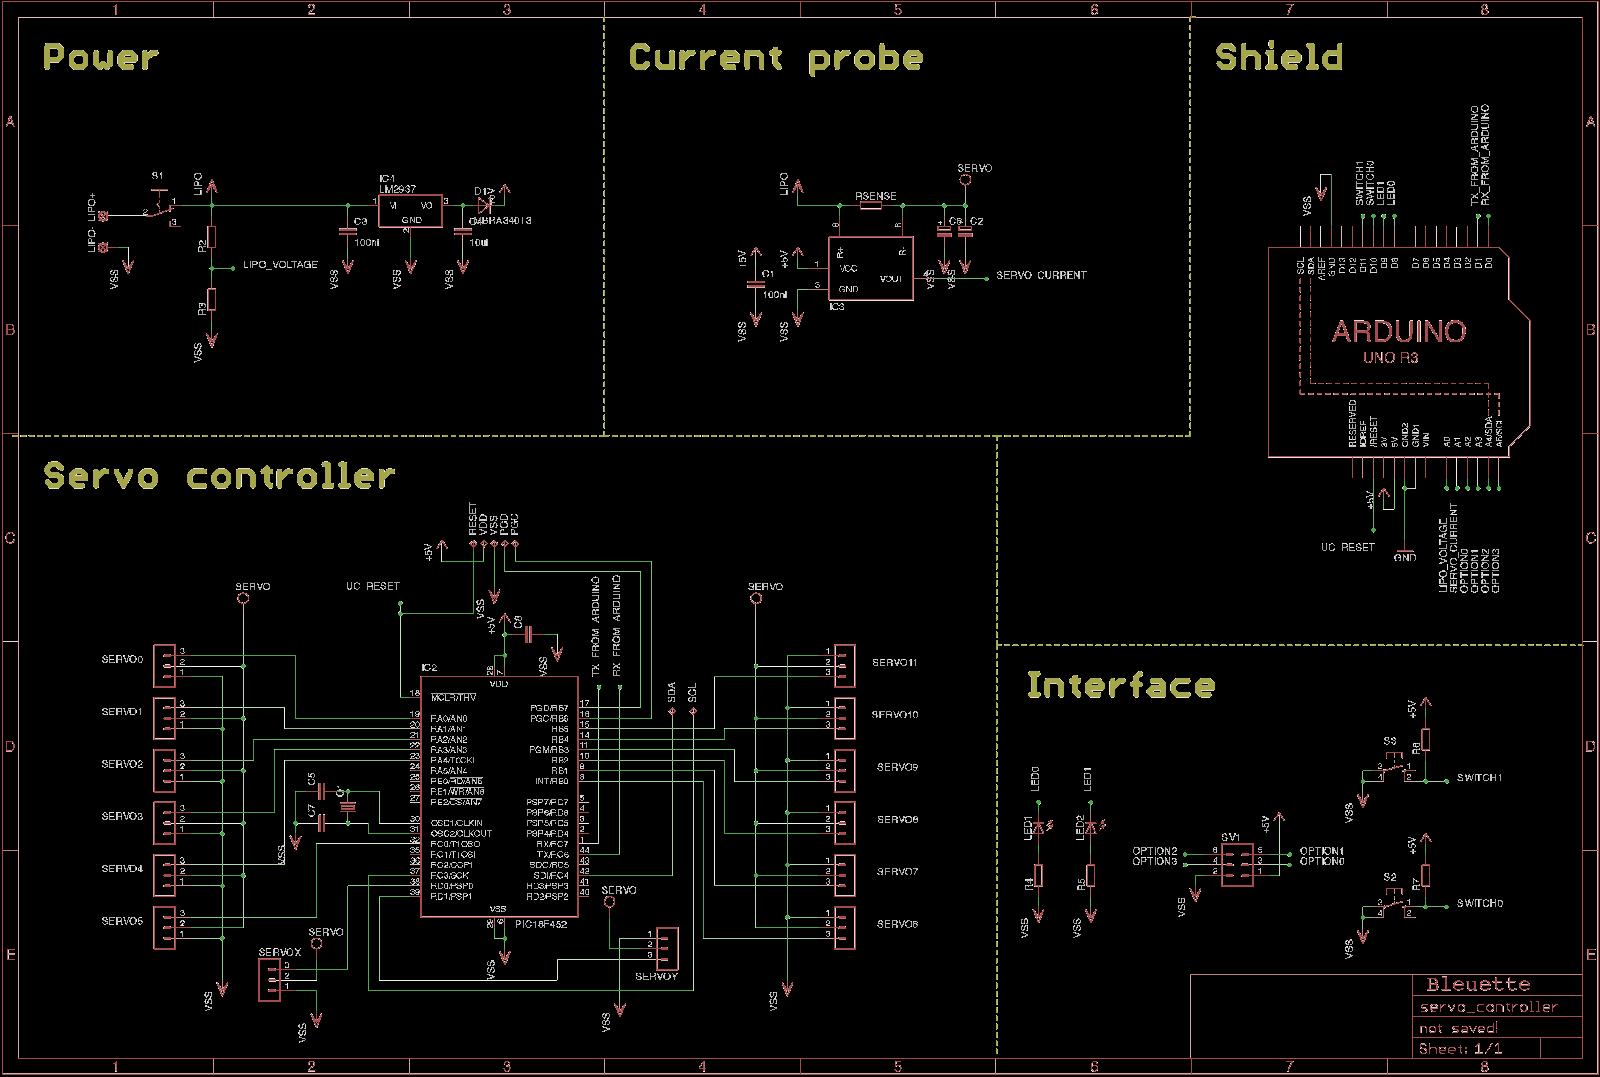 electronics v1 0 2  u00b7 hugokernel  bleuette wiki  u00b7 github